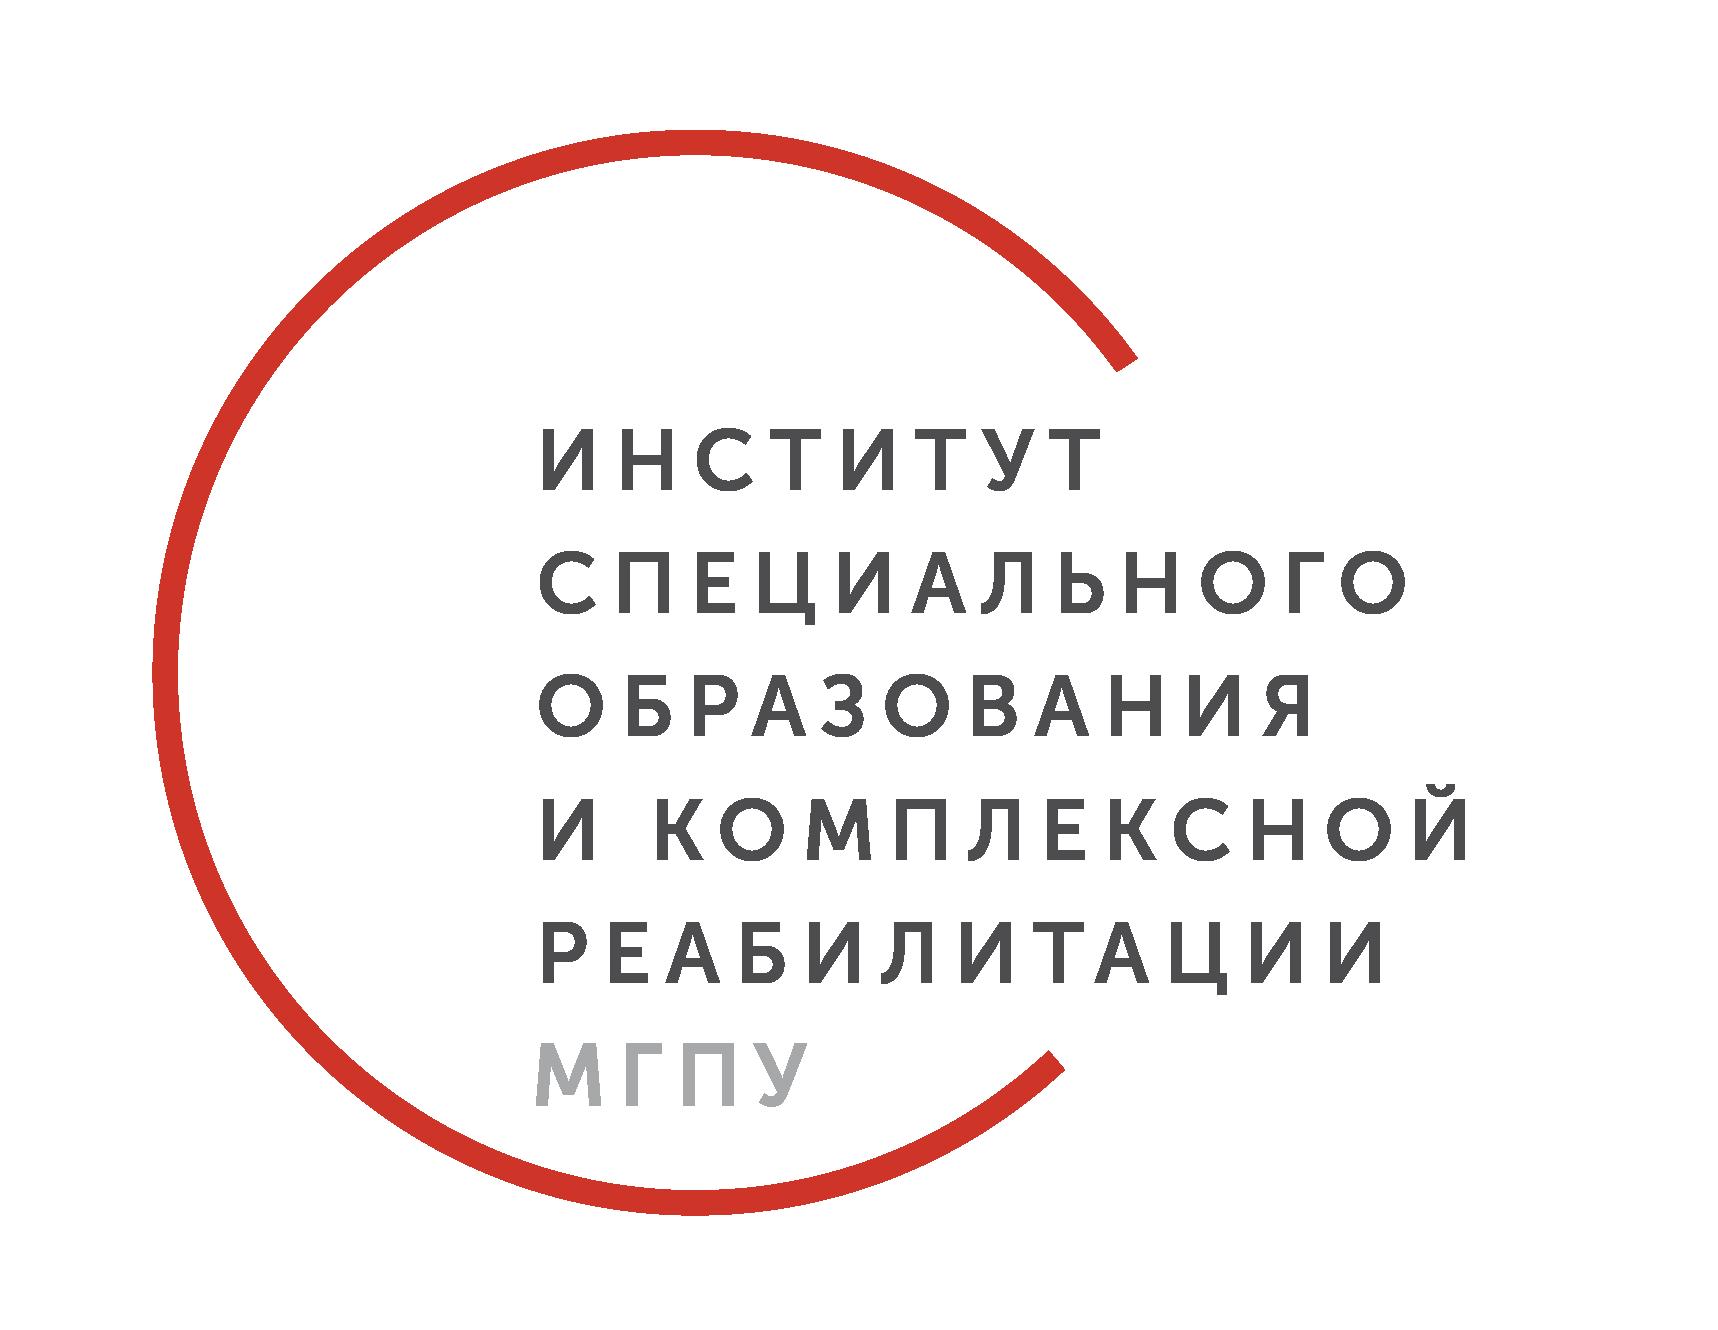 Институт специального образования и комплексной реабилитации